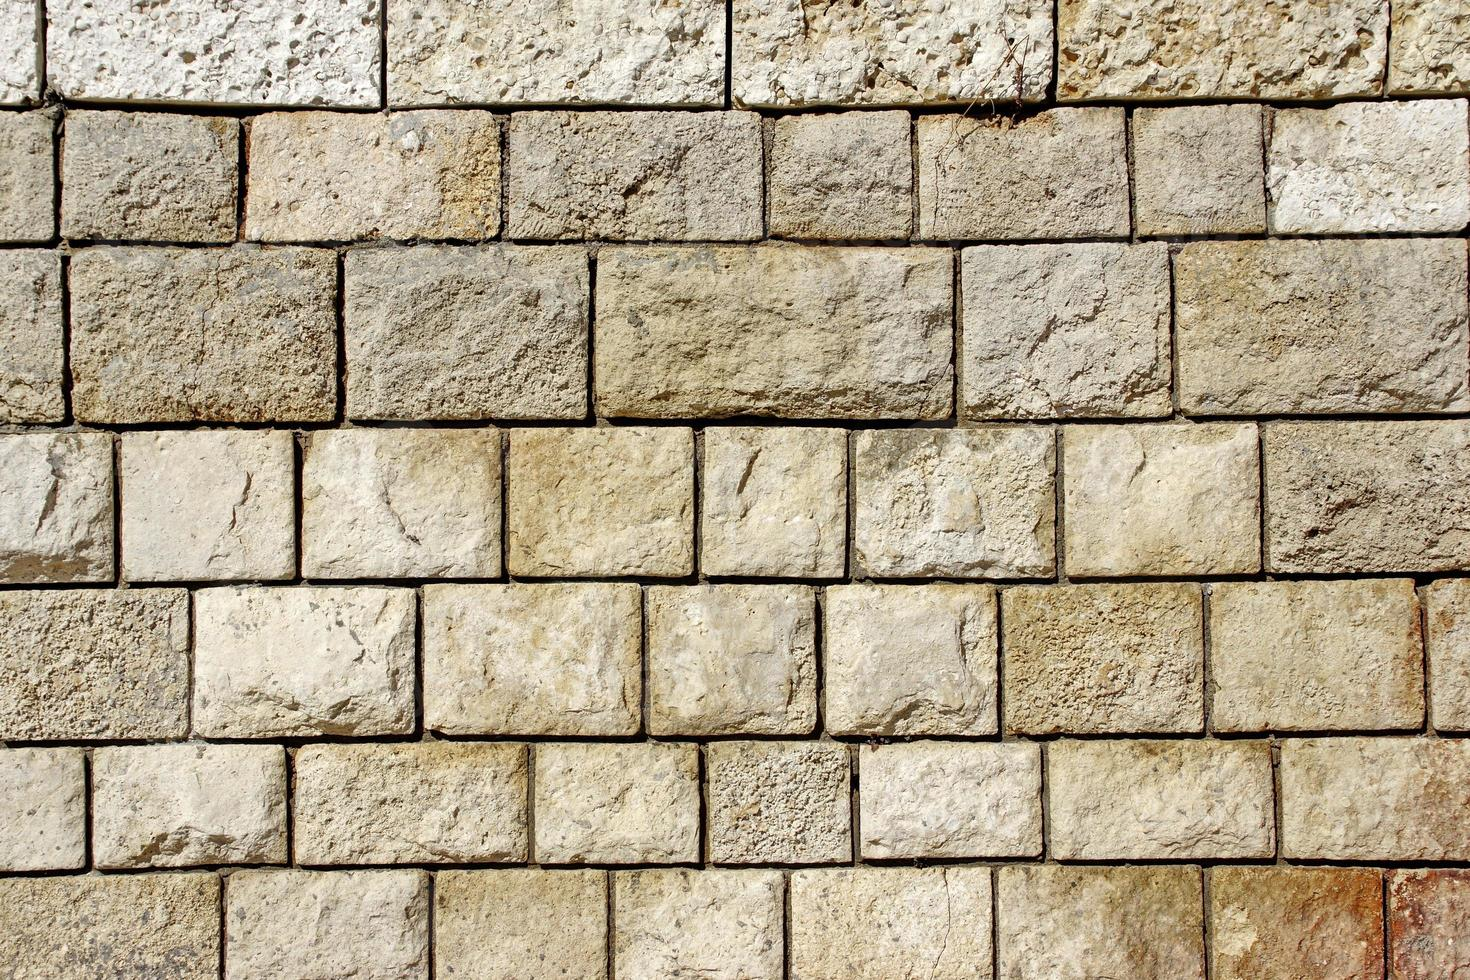 antiguo muro de piedra caliza decorativa foto